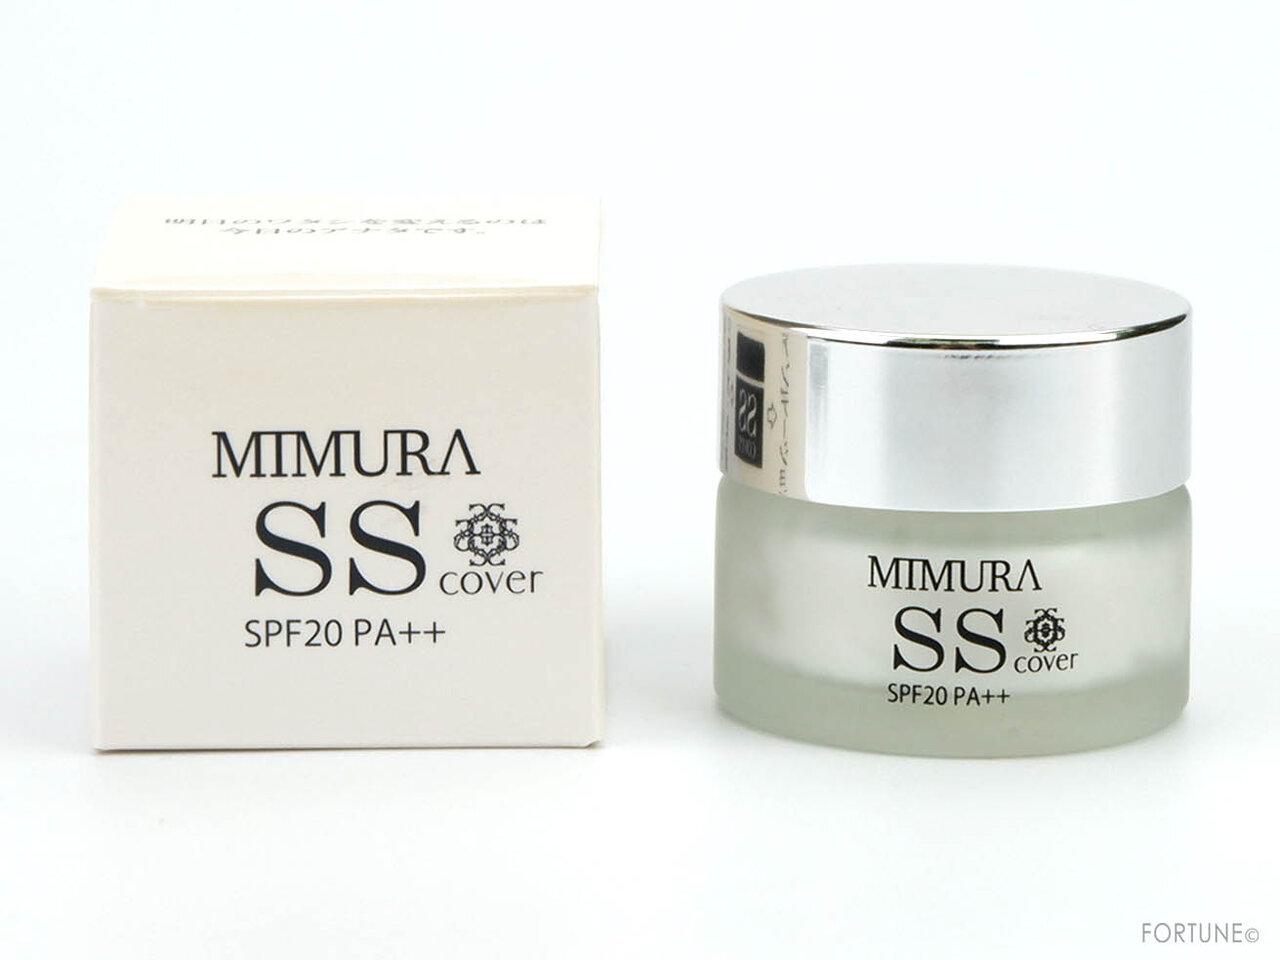 画像:MIMURA(ミムラ)「スムーススキンカバー(SS Cover)」